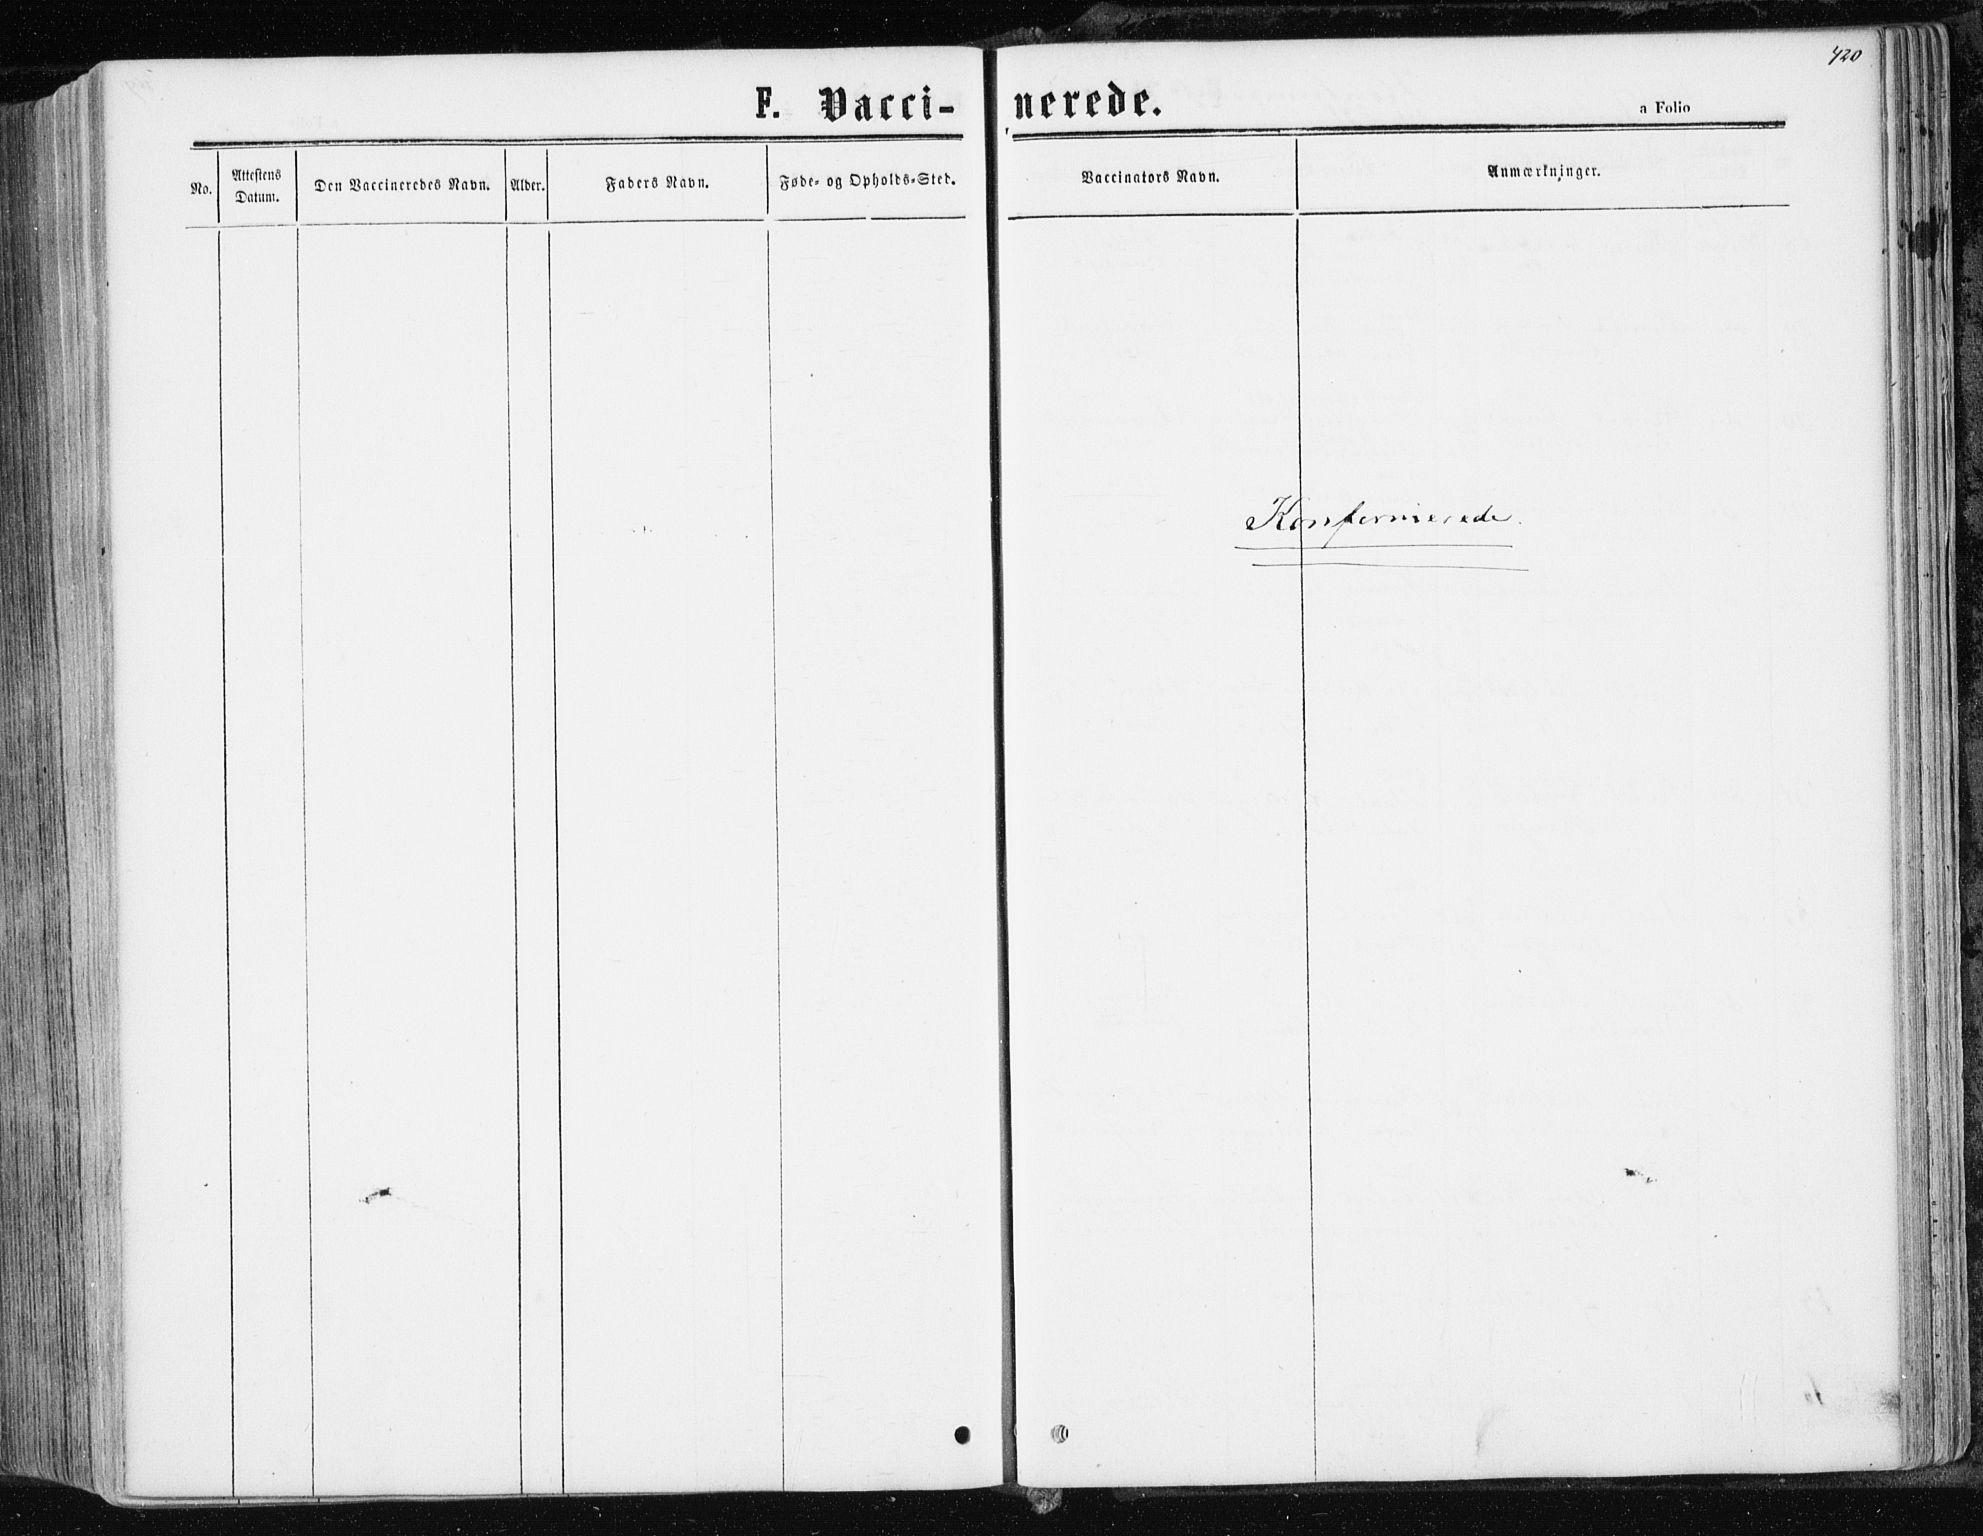 SAT, Ministerialprotokoller, klokkerbøker og fødselsregistre - Nord-Trøndelag, 741/L0394: Ministerialbok nr. 741A08, 1864-1877, s. 420